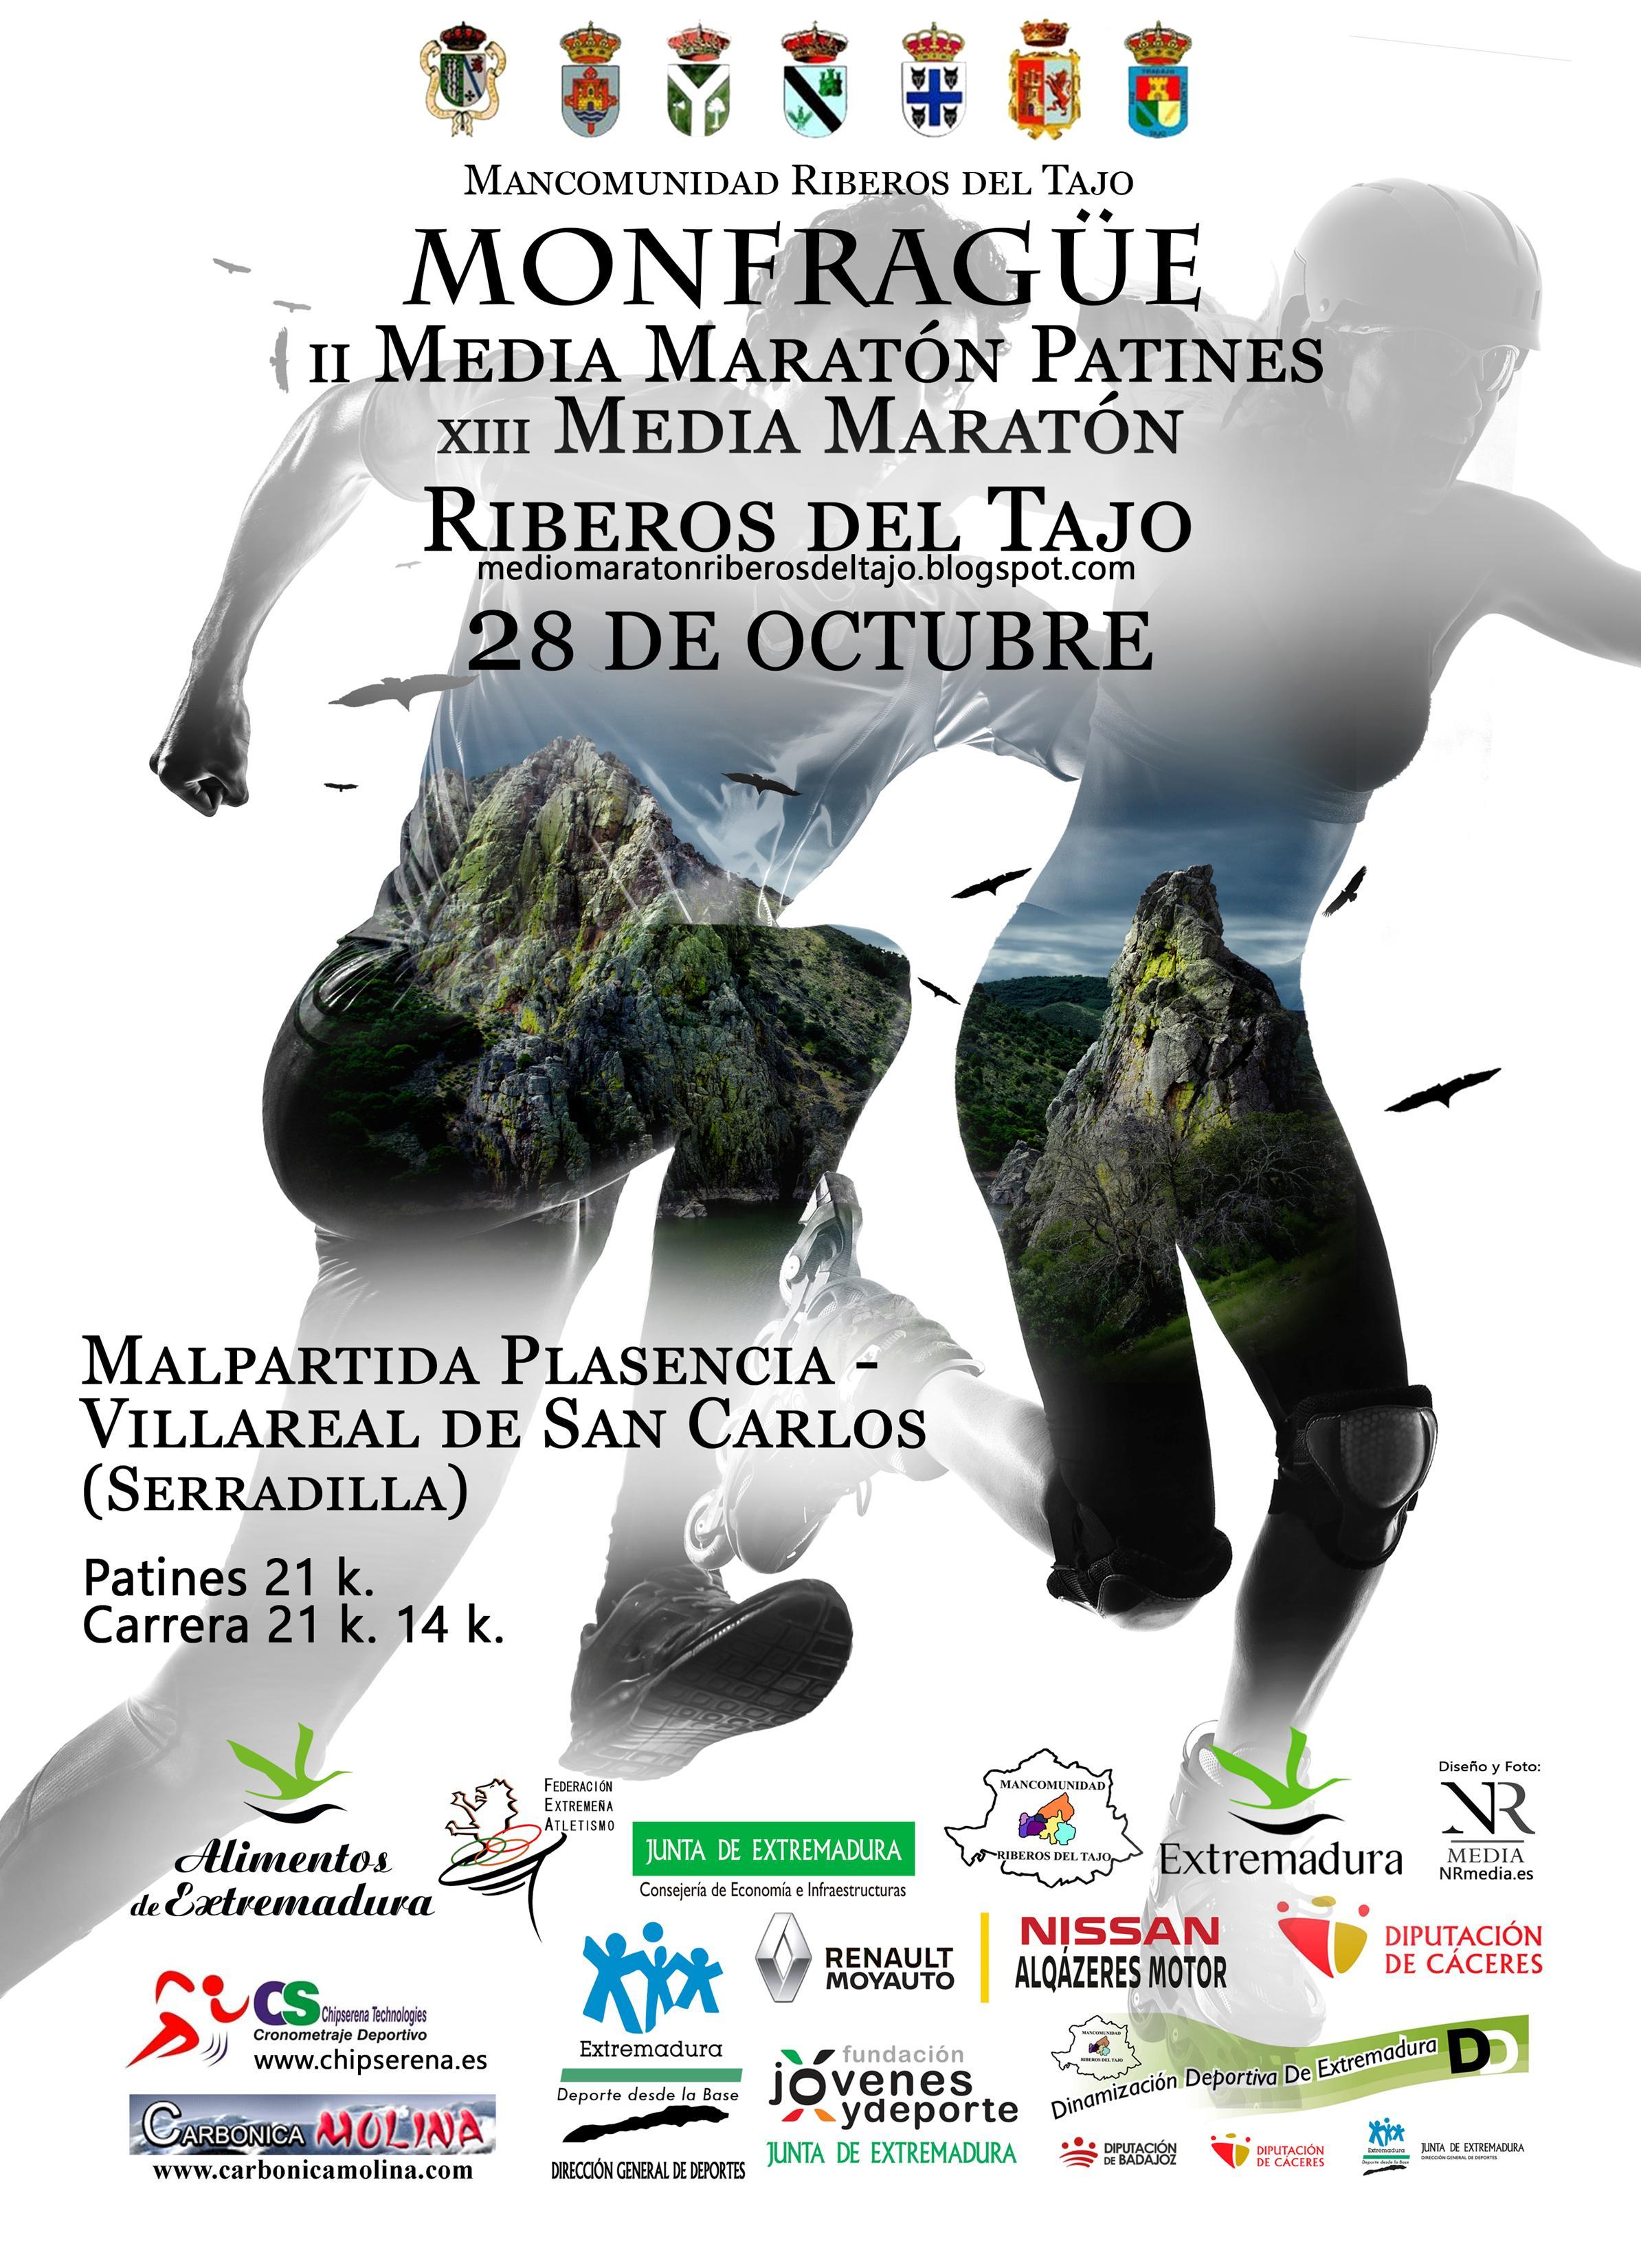 Media Maraton de Patines Riberos del Tajo